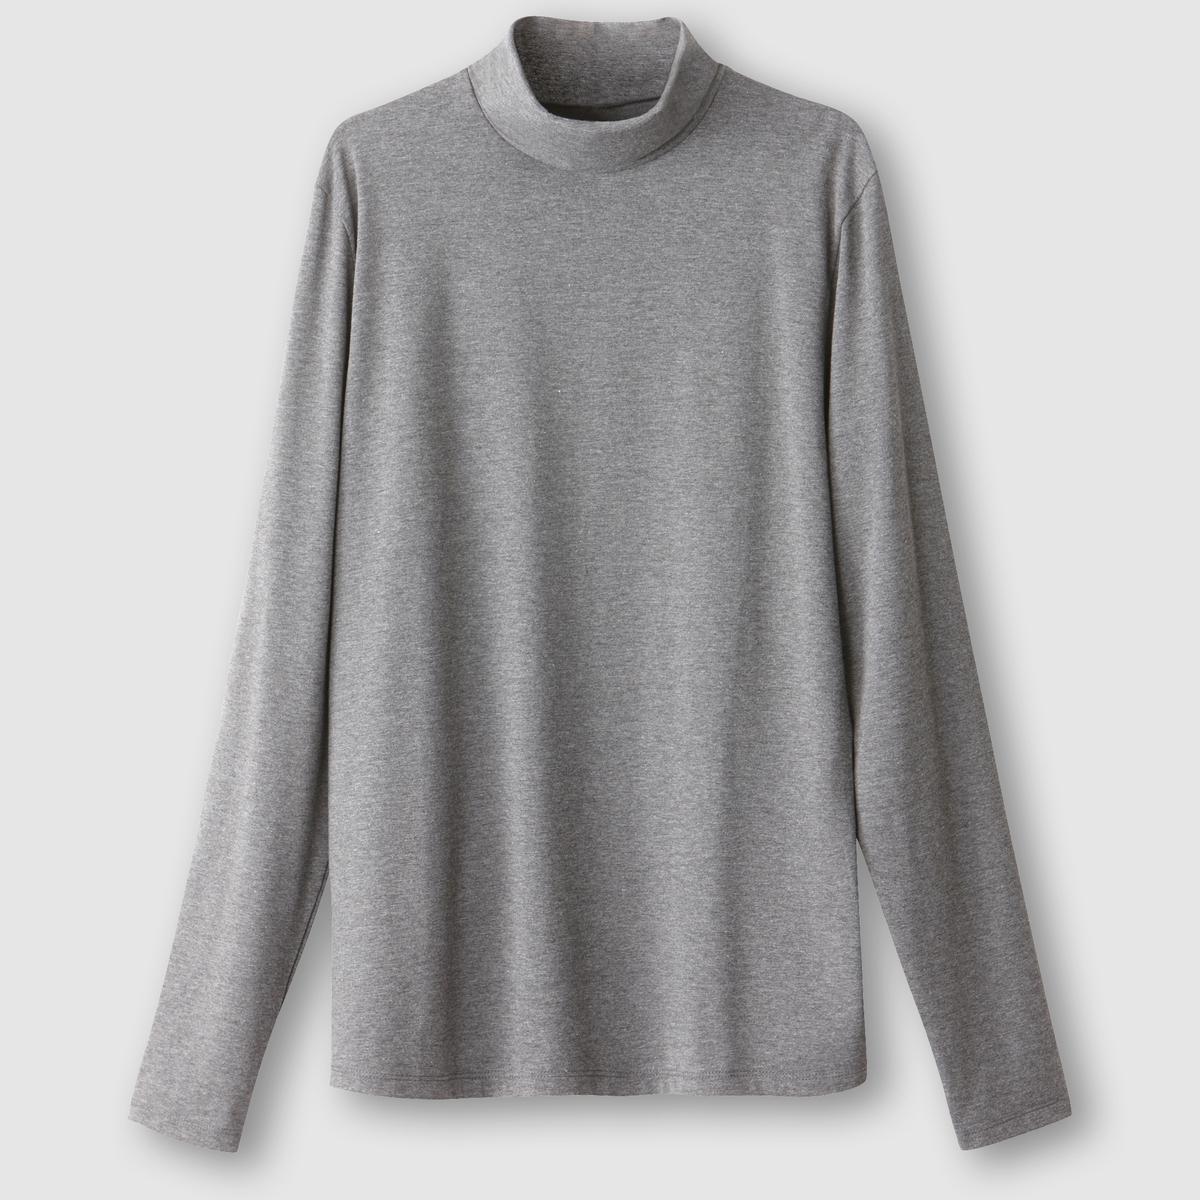 Футболка с длинными рукавами и воротникомСостав и описание :Материал : джерси стрейч - 95% хлопка, 5% эластана черного цвета75% хлопка, 20% полиэстера, 5% эластана для цвета темно-серый меланжМарка: R essentielУходМашинная стирка при 30 °С<br><br>Цвет: темно-серый меланж<br>Размер: XL